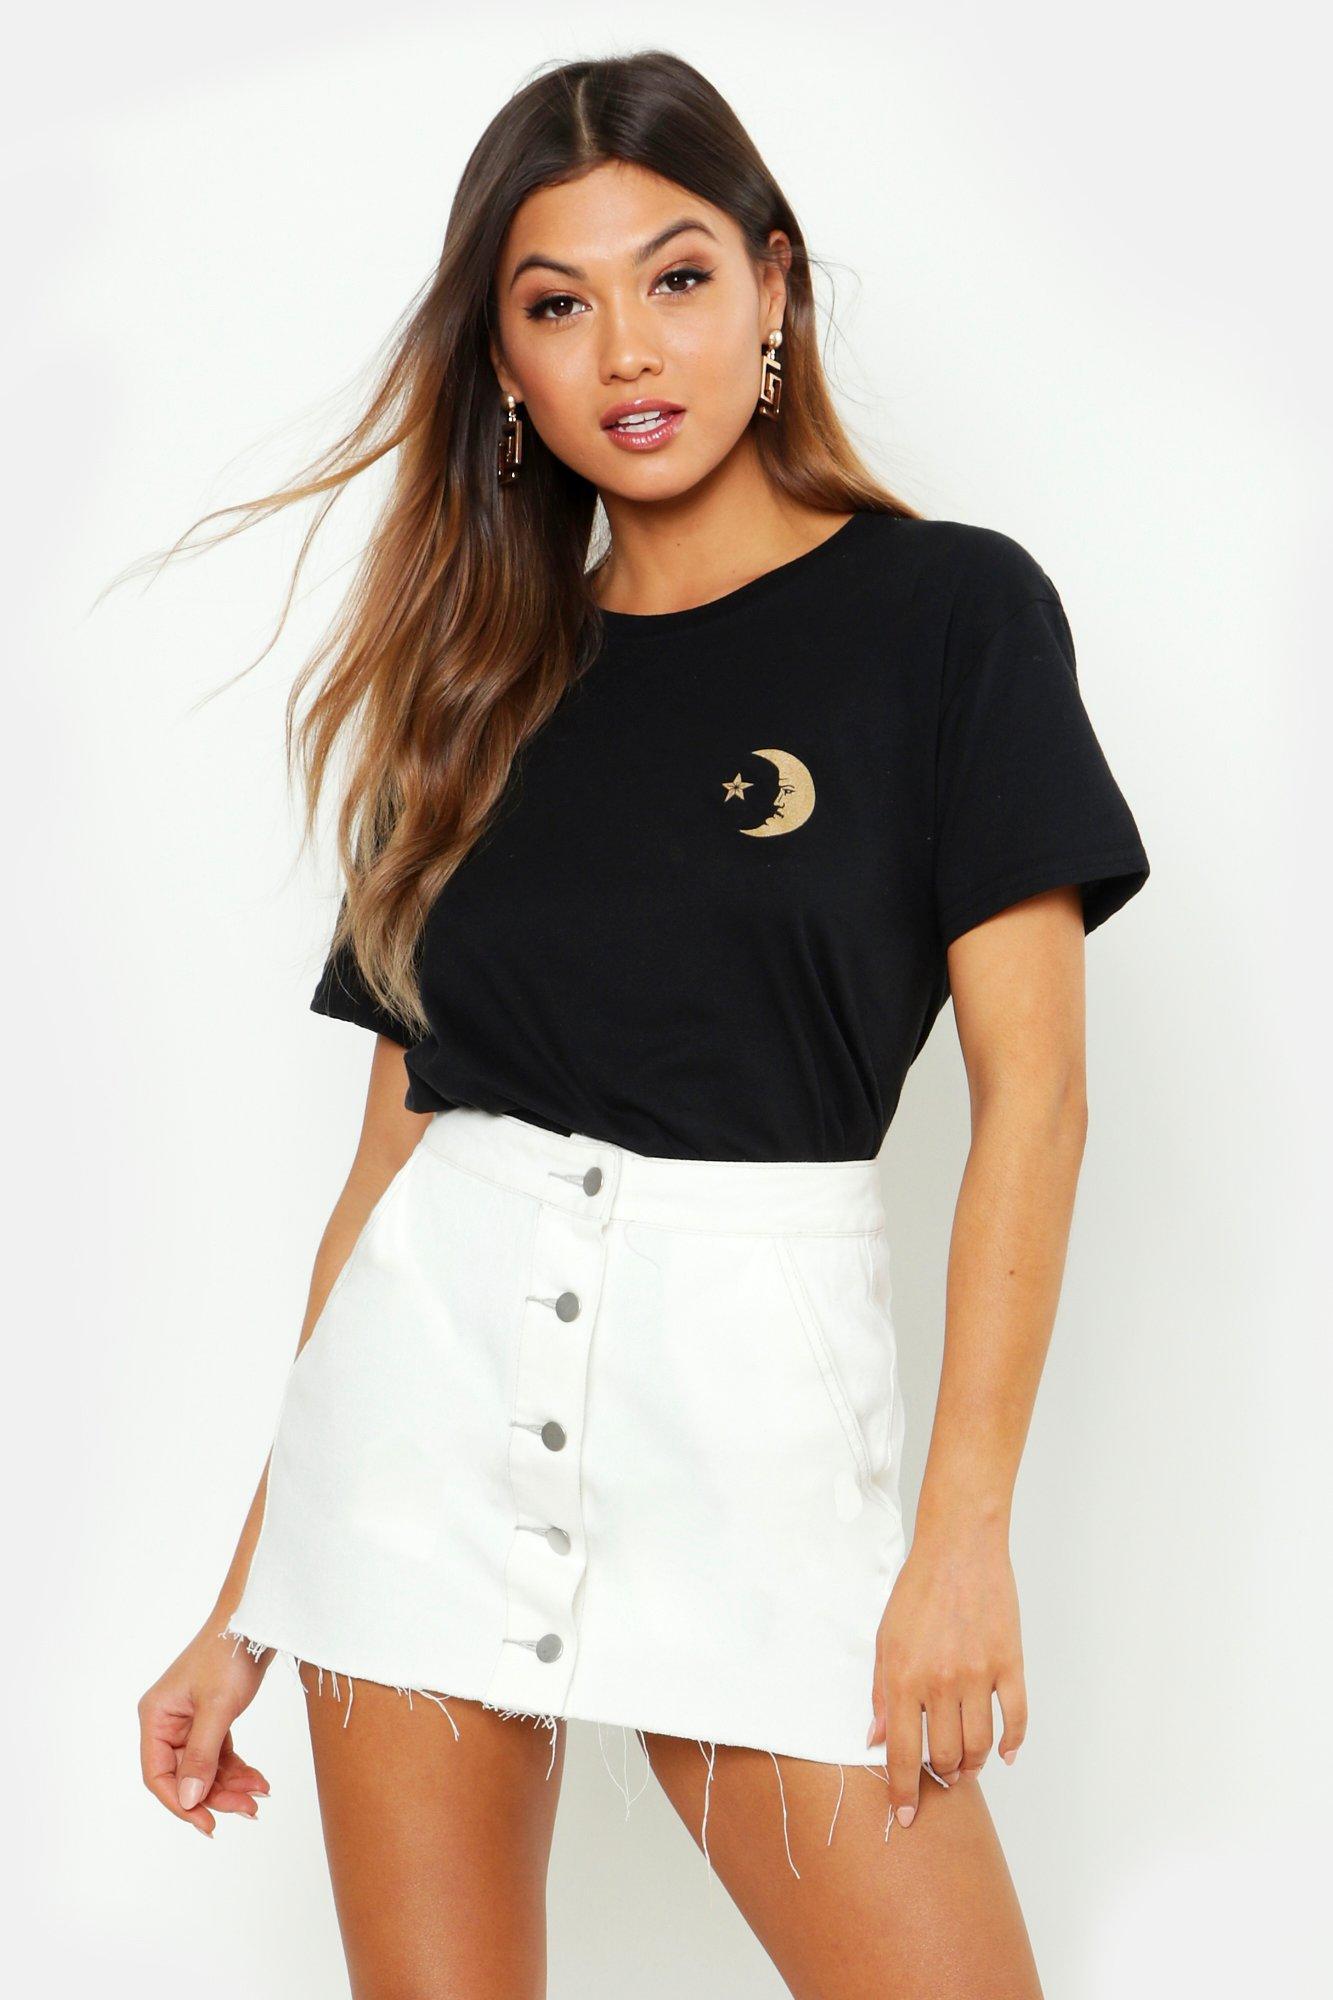 Womens T-Shirt mit aufgedrucktem Sonne-Mond-Motiv und Tasche - schwarz - L, Schwarz - Boohoo.com